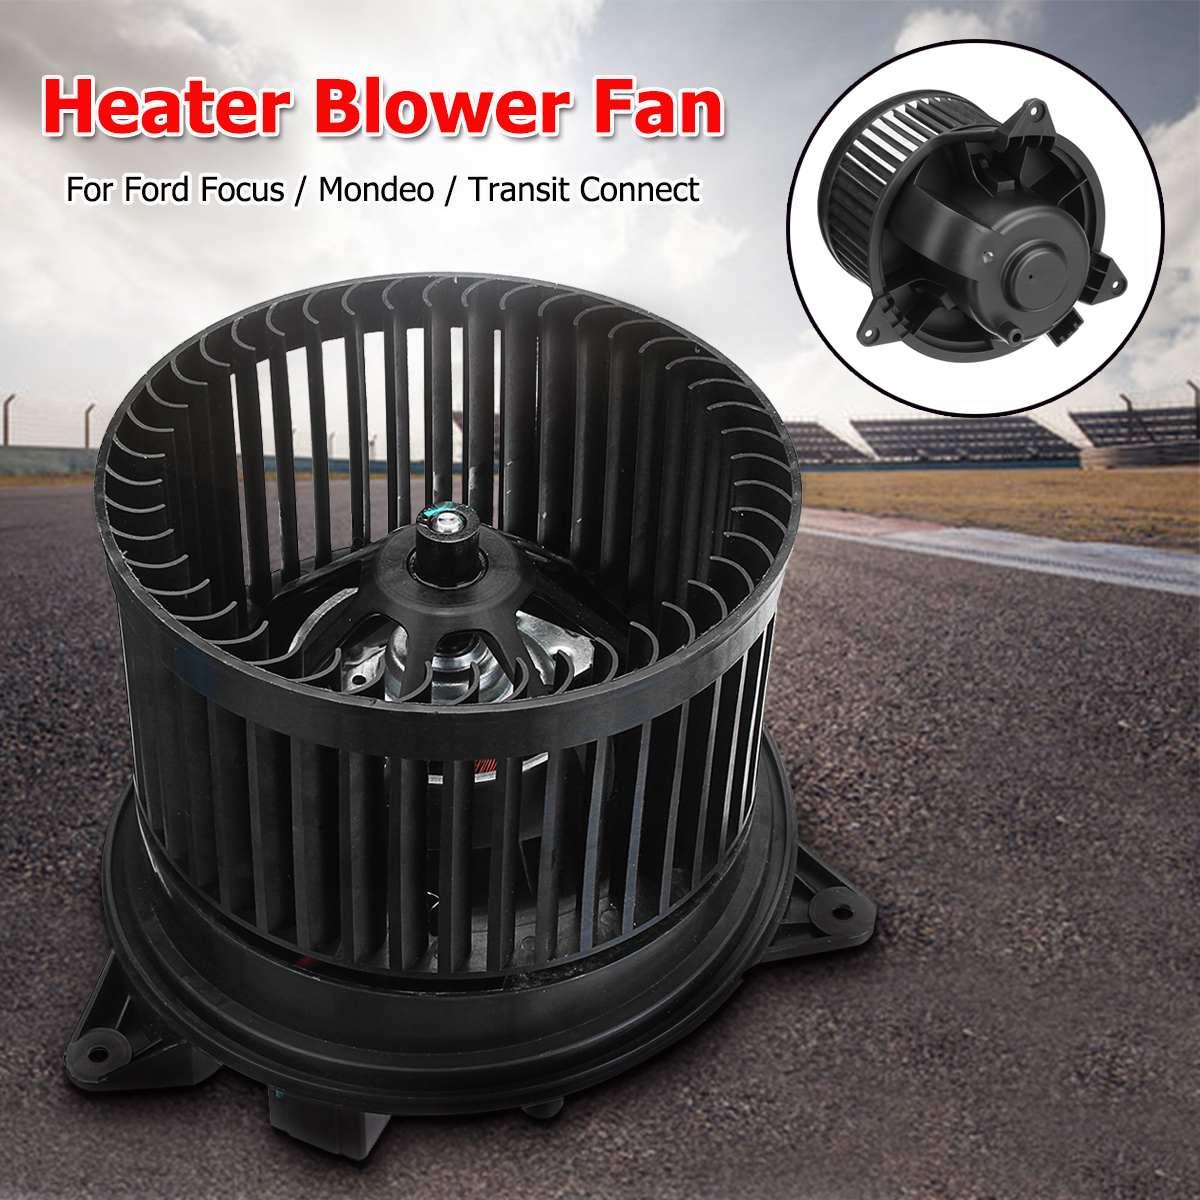 1151989 1116783 voiture chauffage ventilateur ventilateur moteur RHD pour Ford Transit Connect/Mondeo/Focus 1998-2013